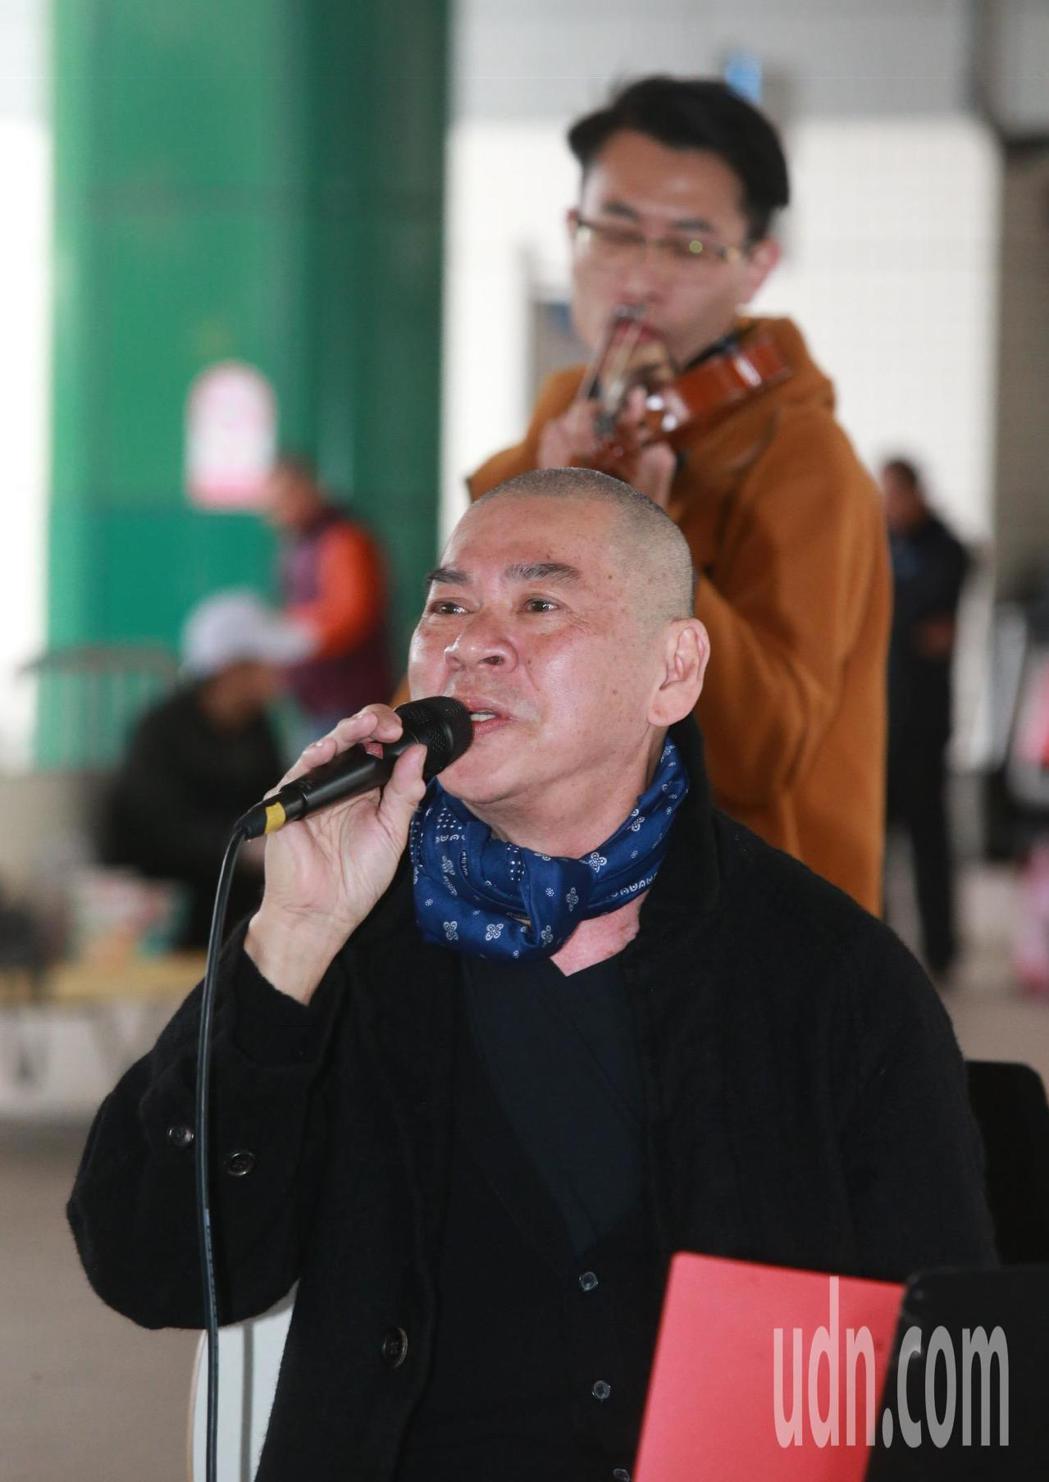 導演蔡明亮下午在捷運新店站首度挑戰「街頭藝人」開放式的演唱,為街友舉行的「寒士吃...